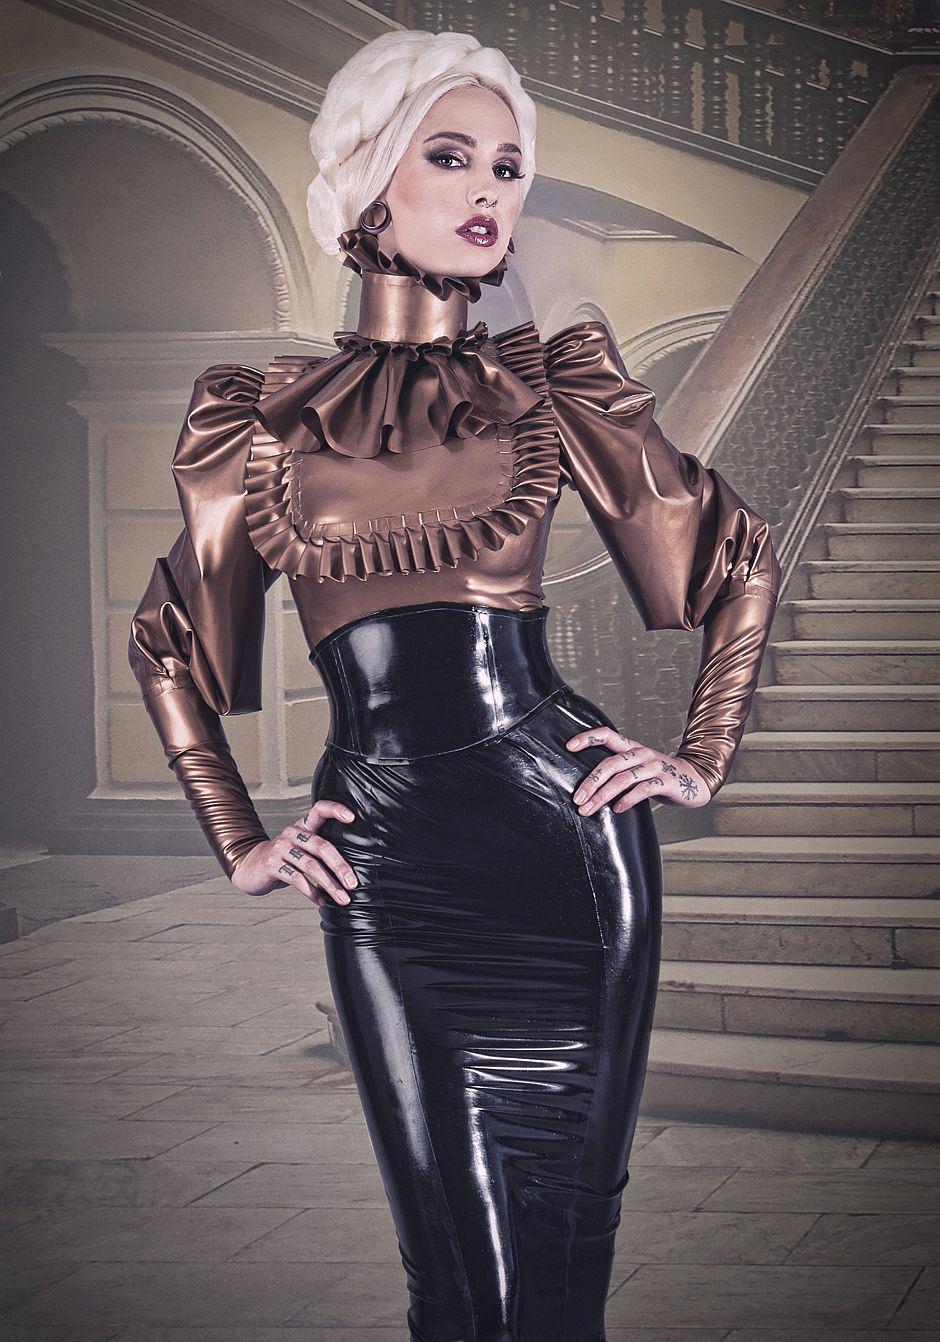 Europe Fashion Men S And Women Wears Femme Fatale A